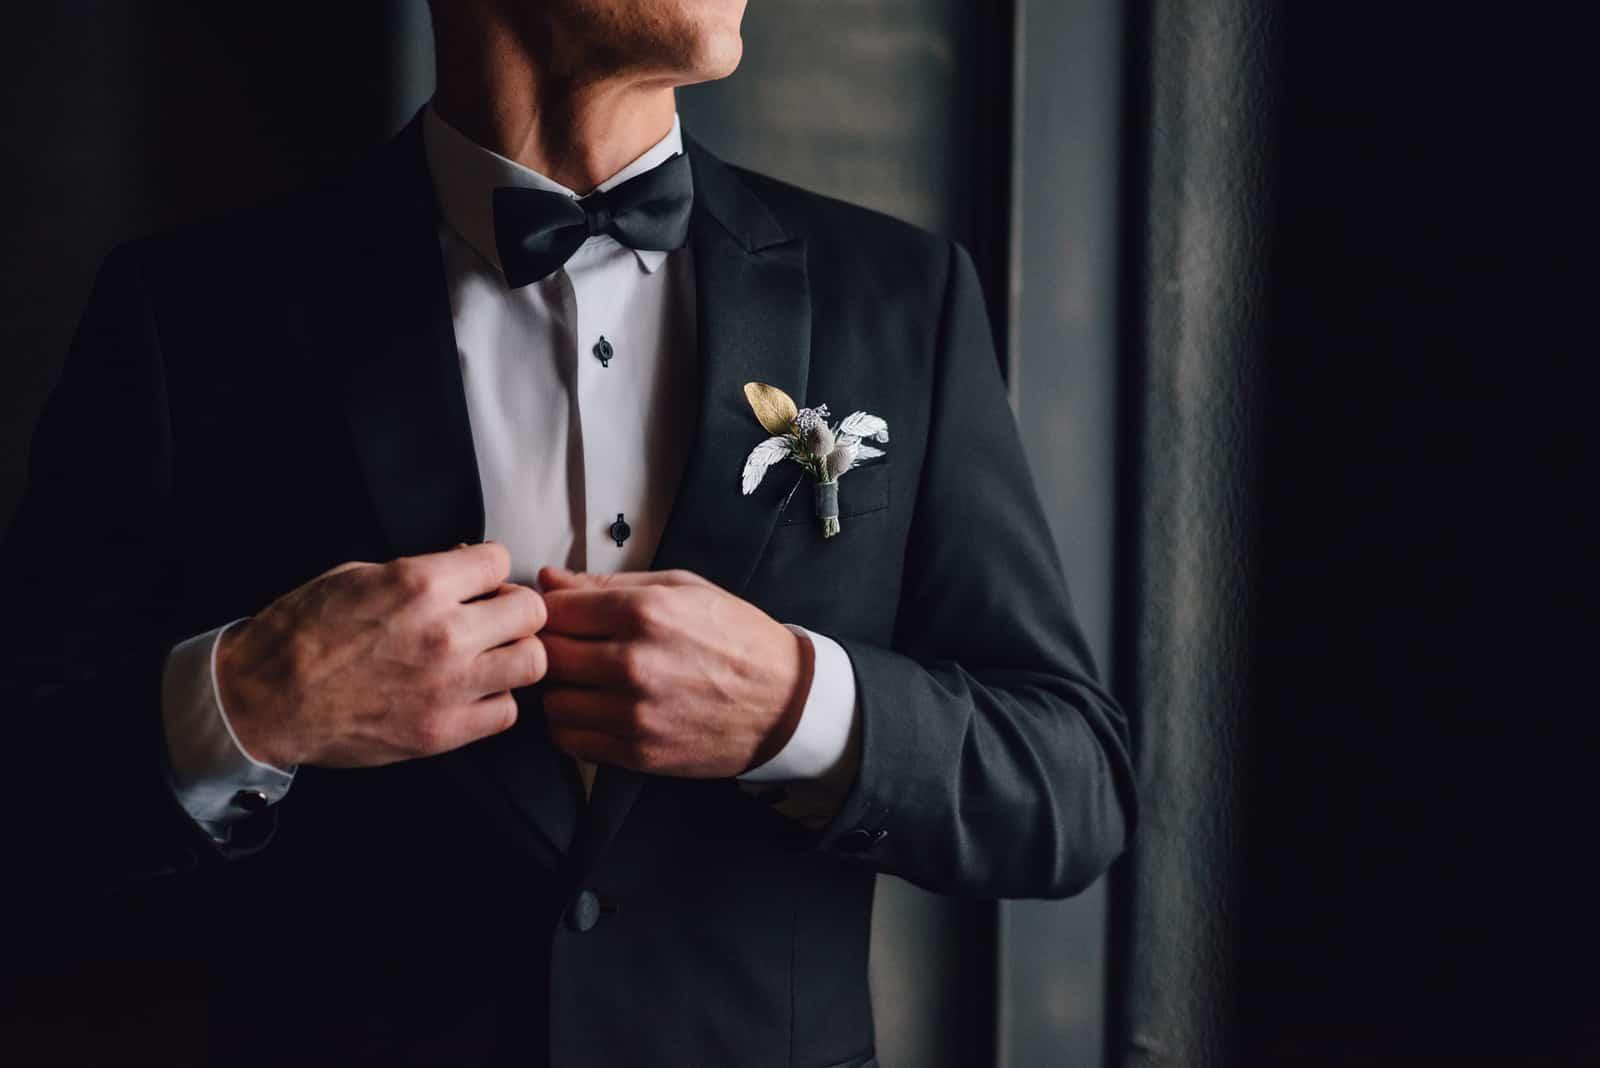 Der Bräutigam zieht eine Smokingjacke an